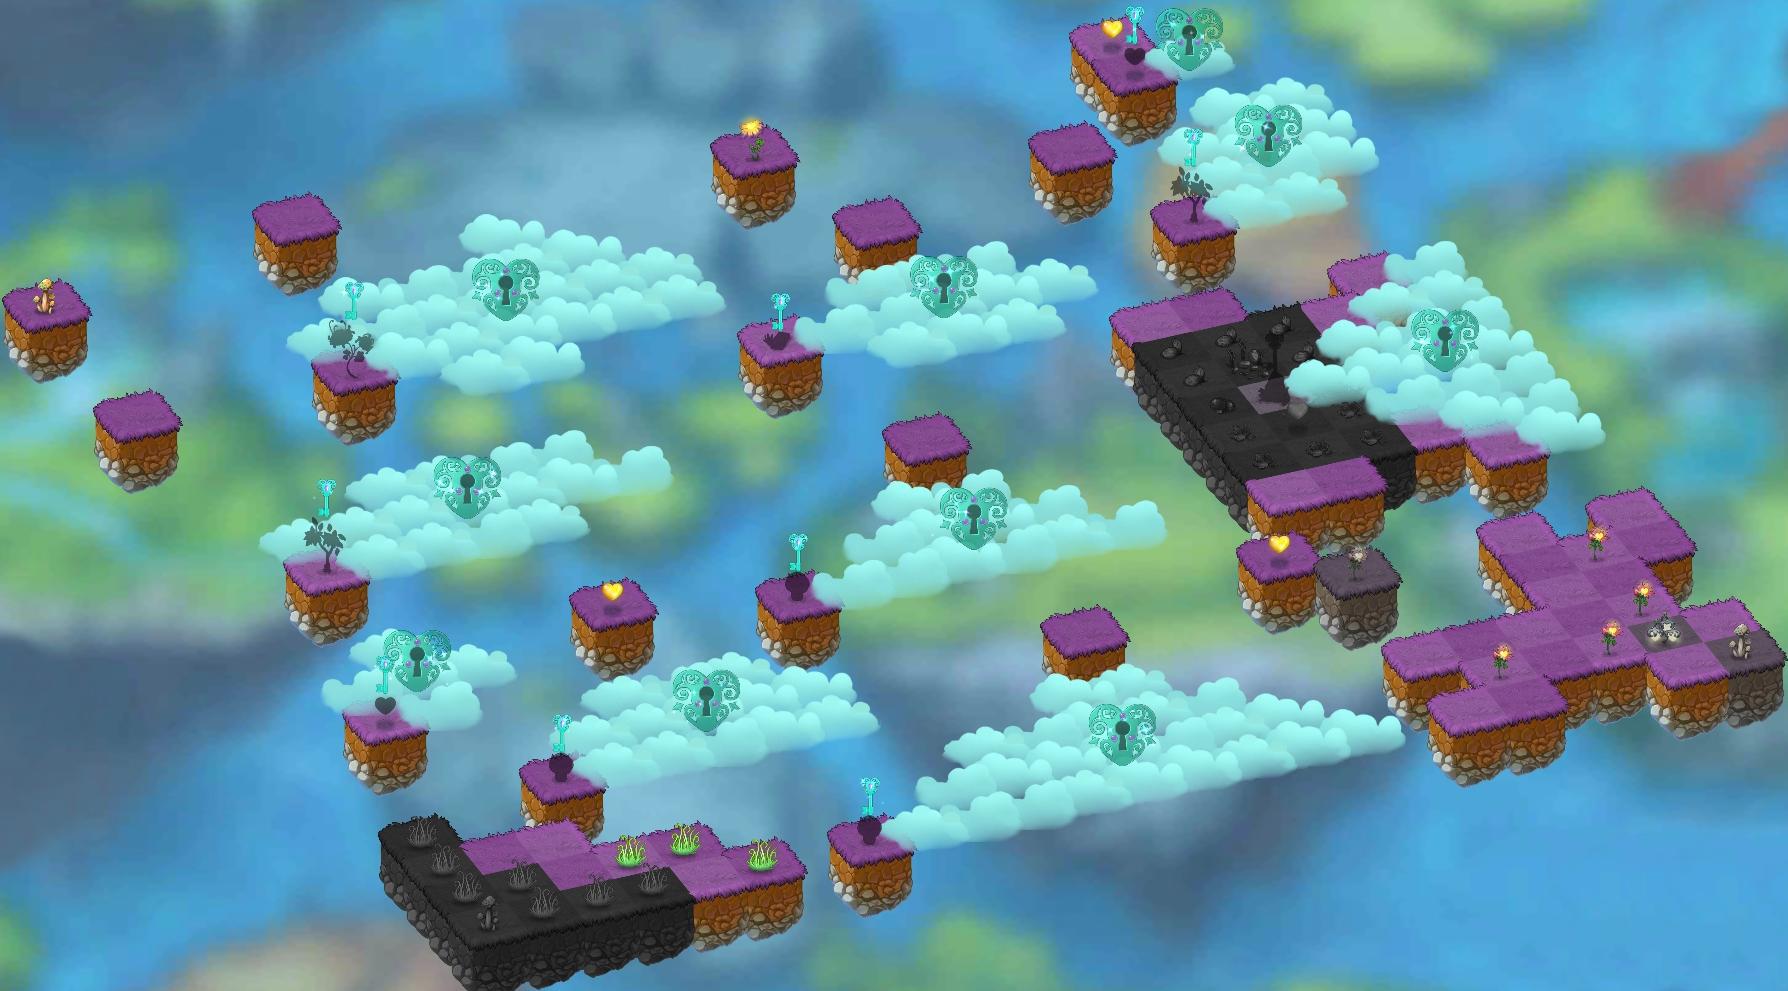 Cloud Land 11